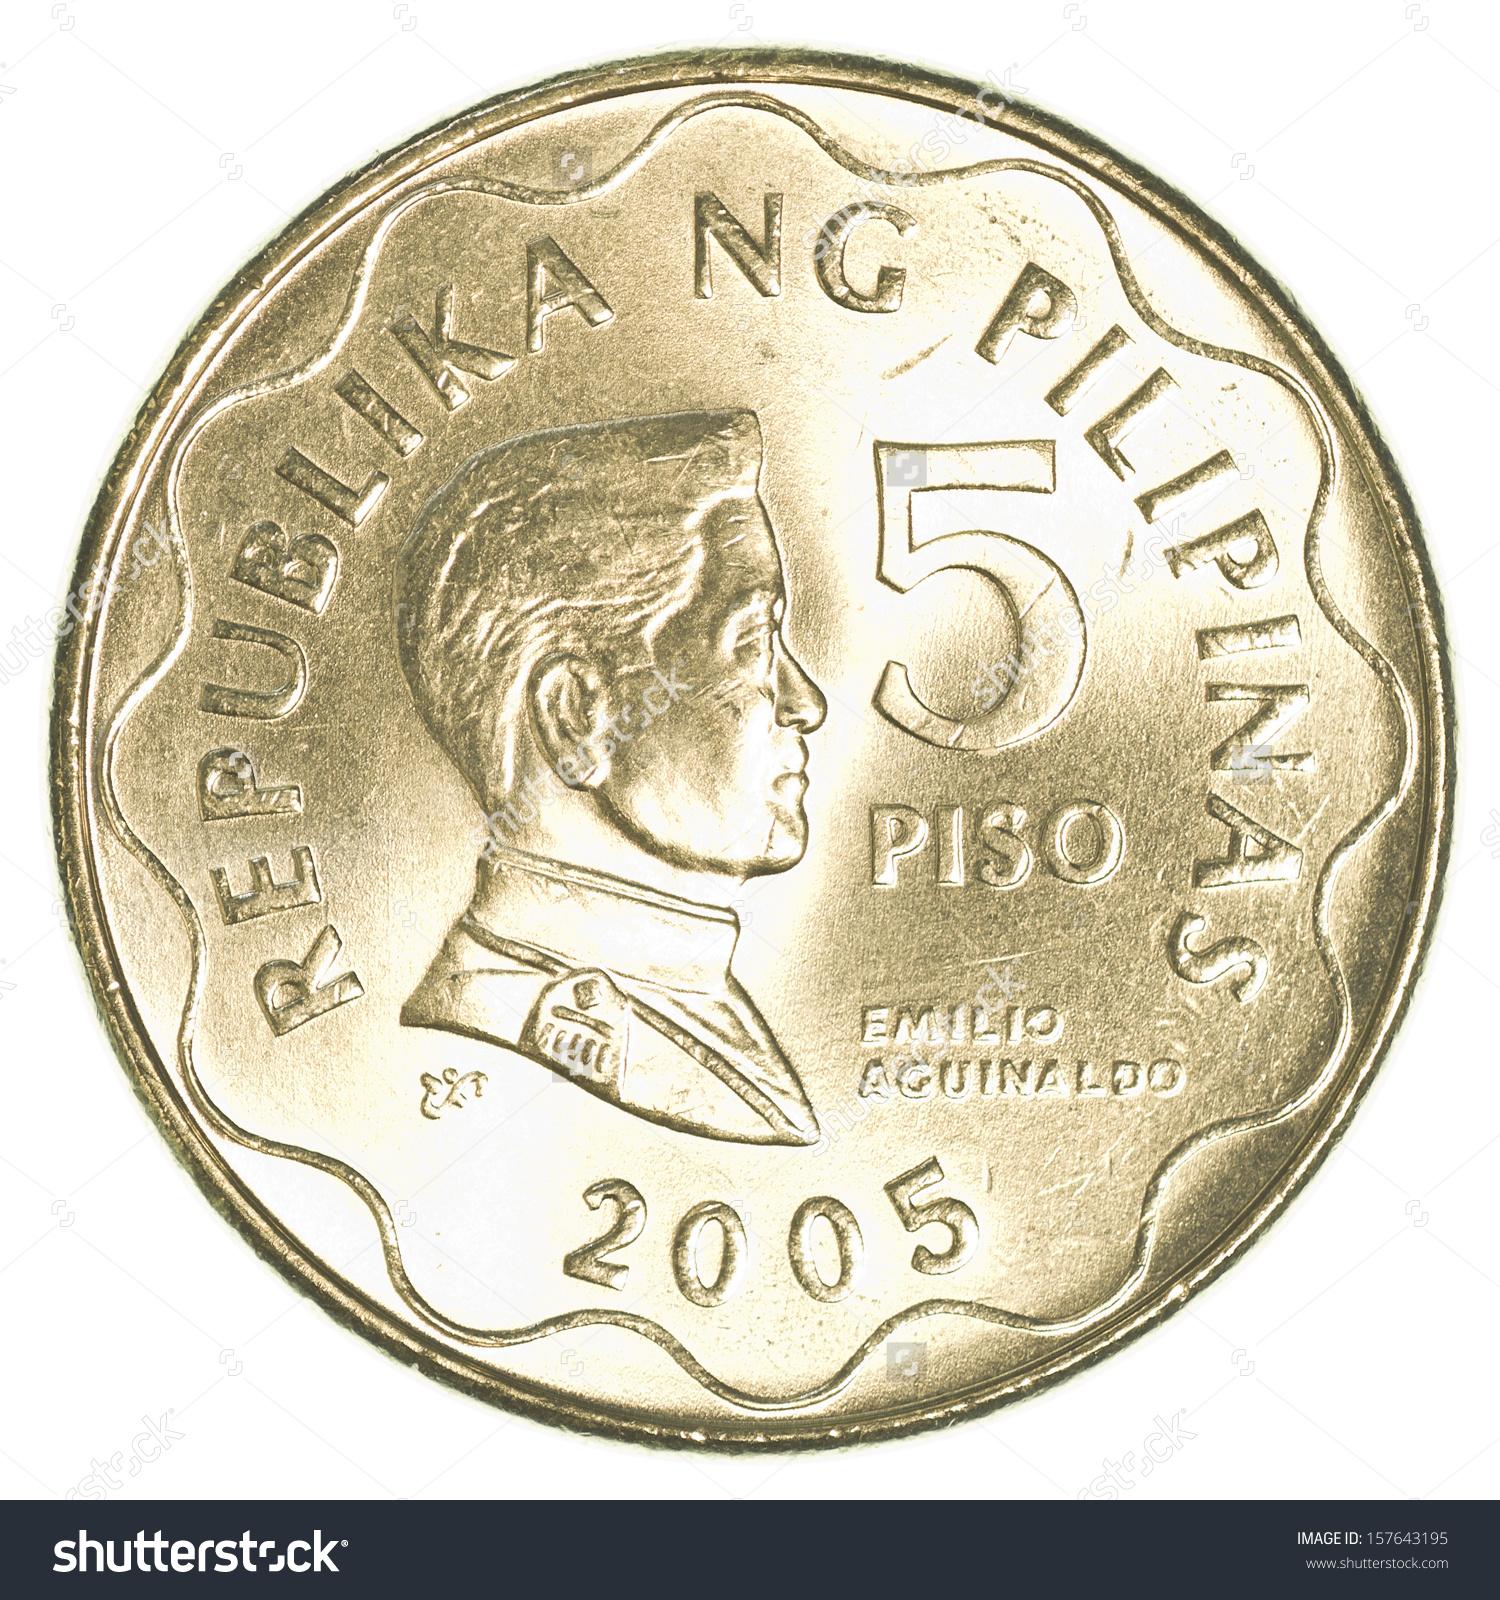 Coin clipart filipino Peso Coin peso 1 Isolated